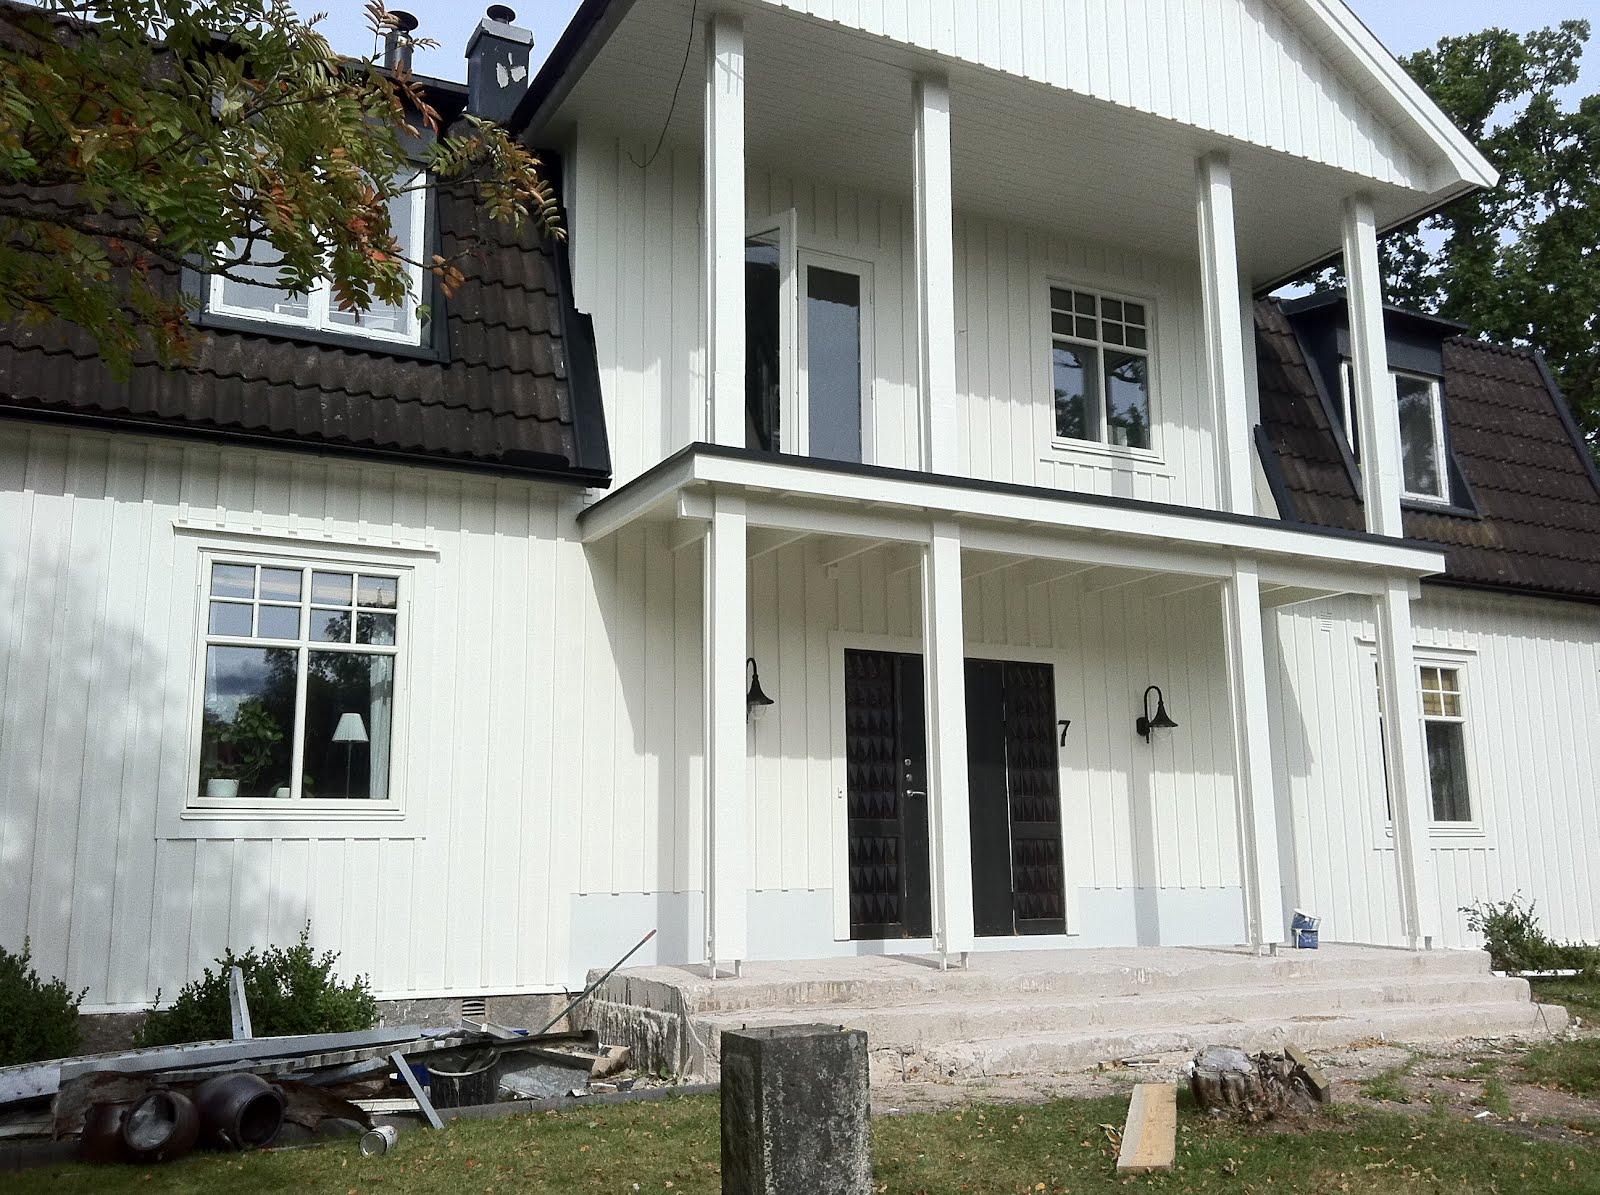 Inredning trall till balkong : Stationsvägen: Då var det vitt!! Nu återstår bara;-) att bygga ...